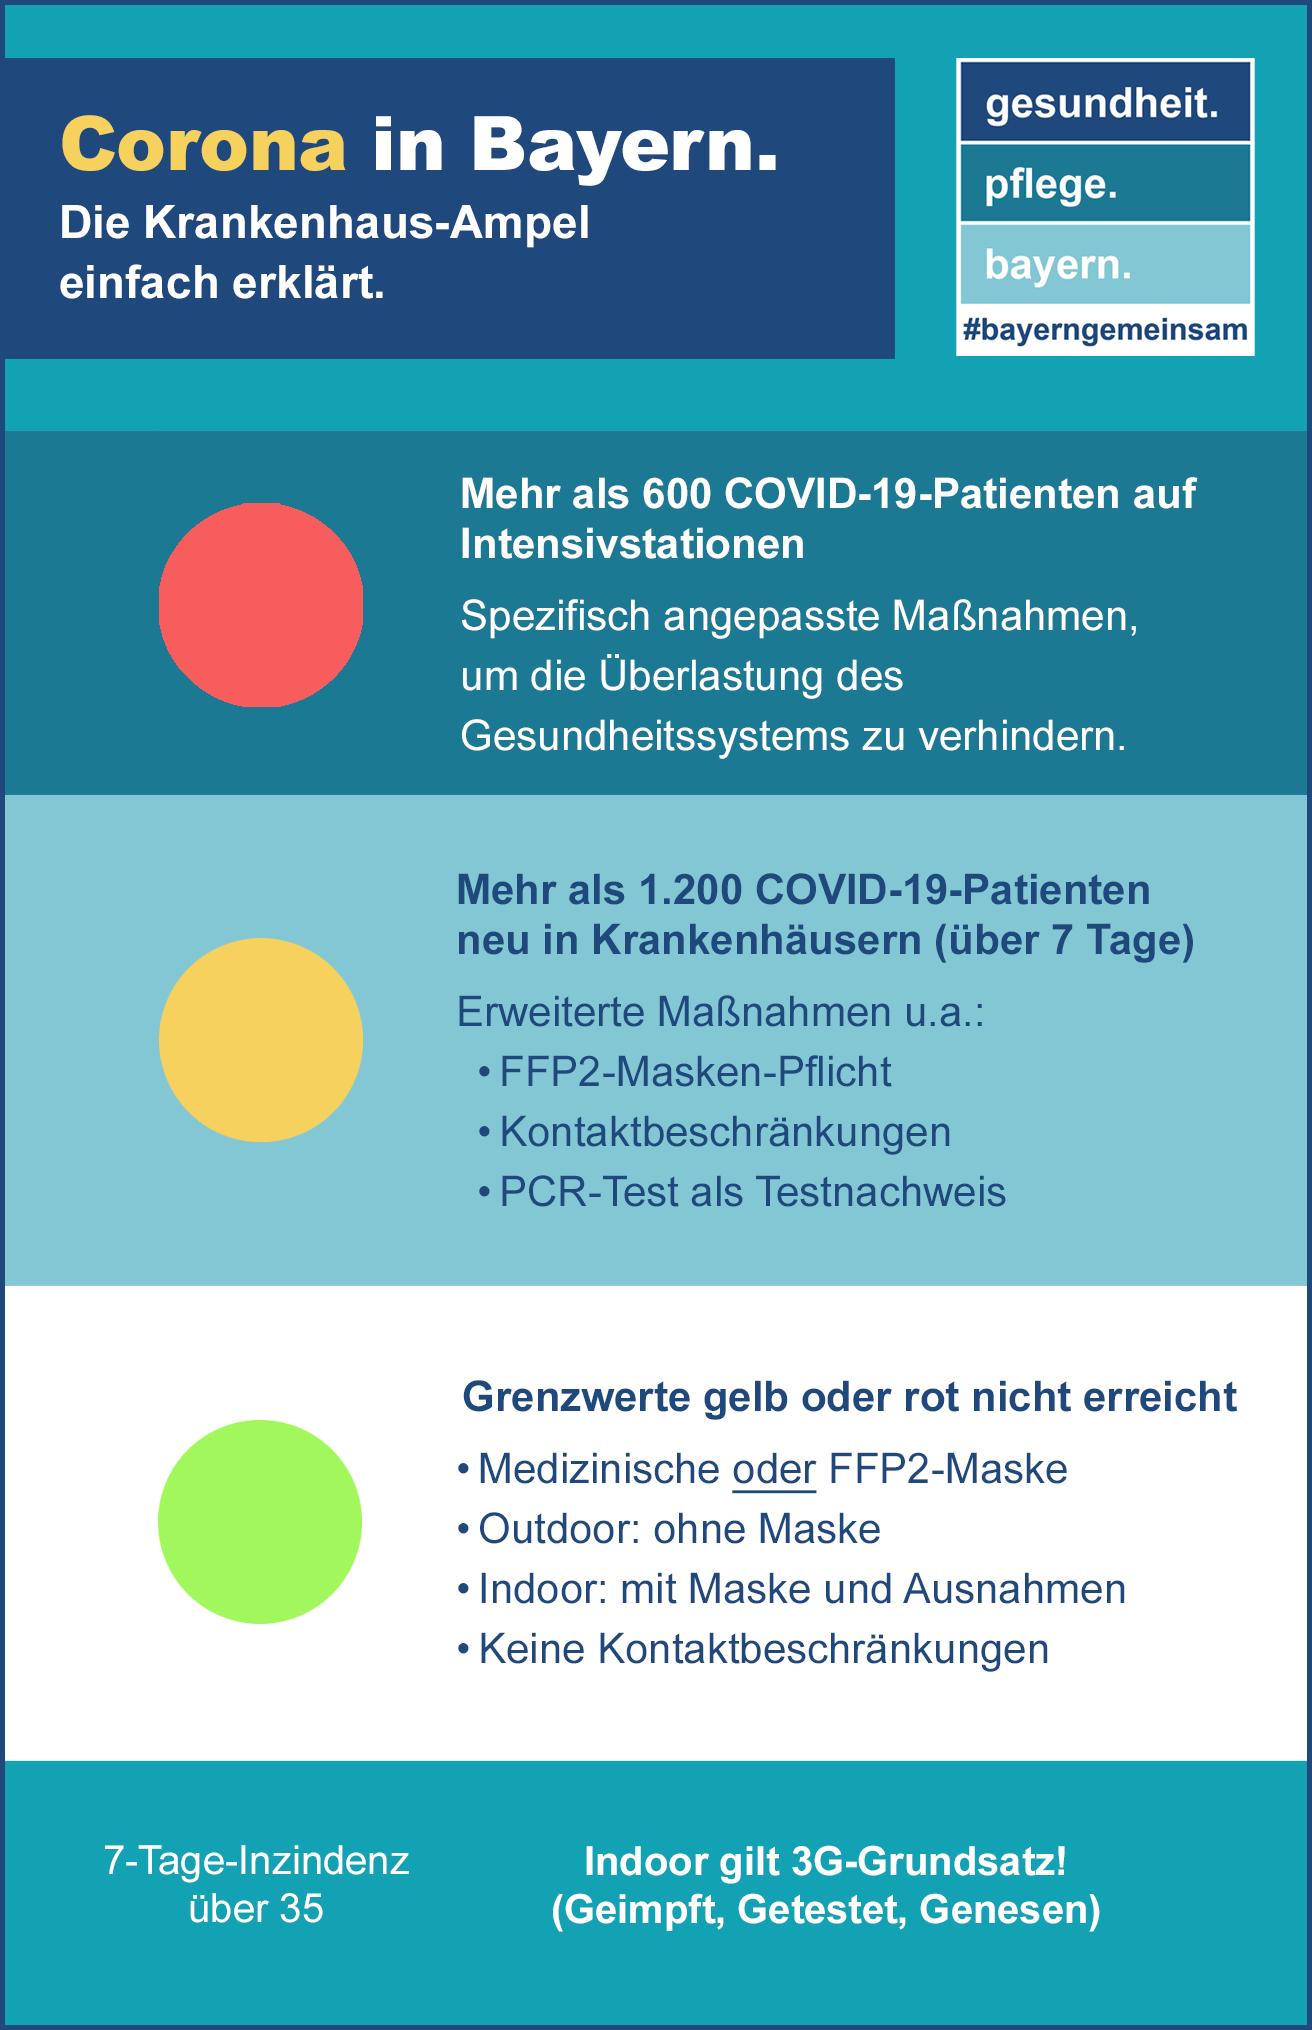 Übersicht zu den neuen Regelungen nach der 14. BayIfSMV vm 1. September 2021